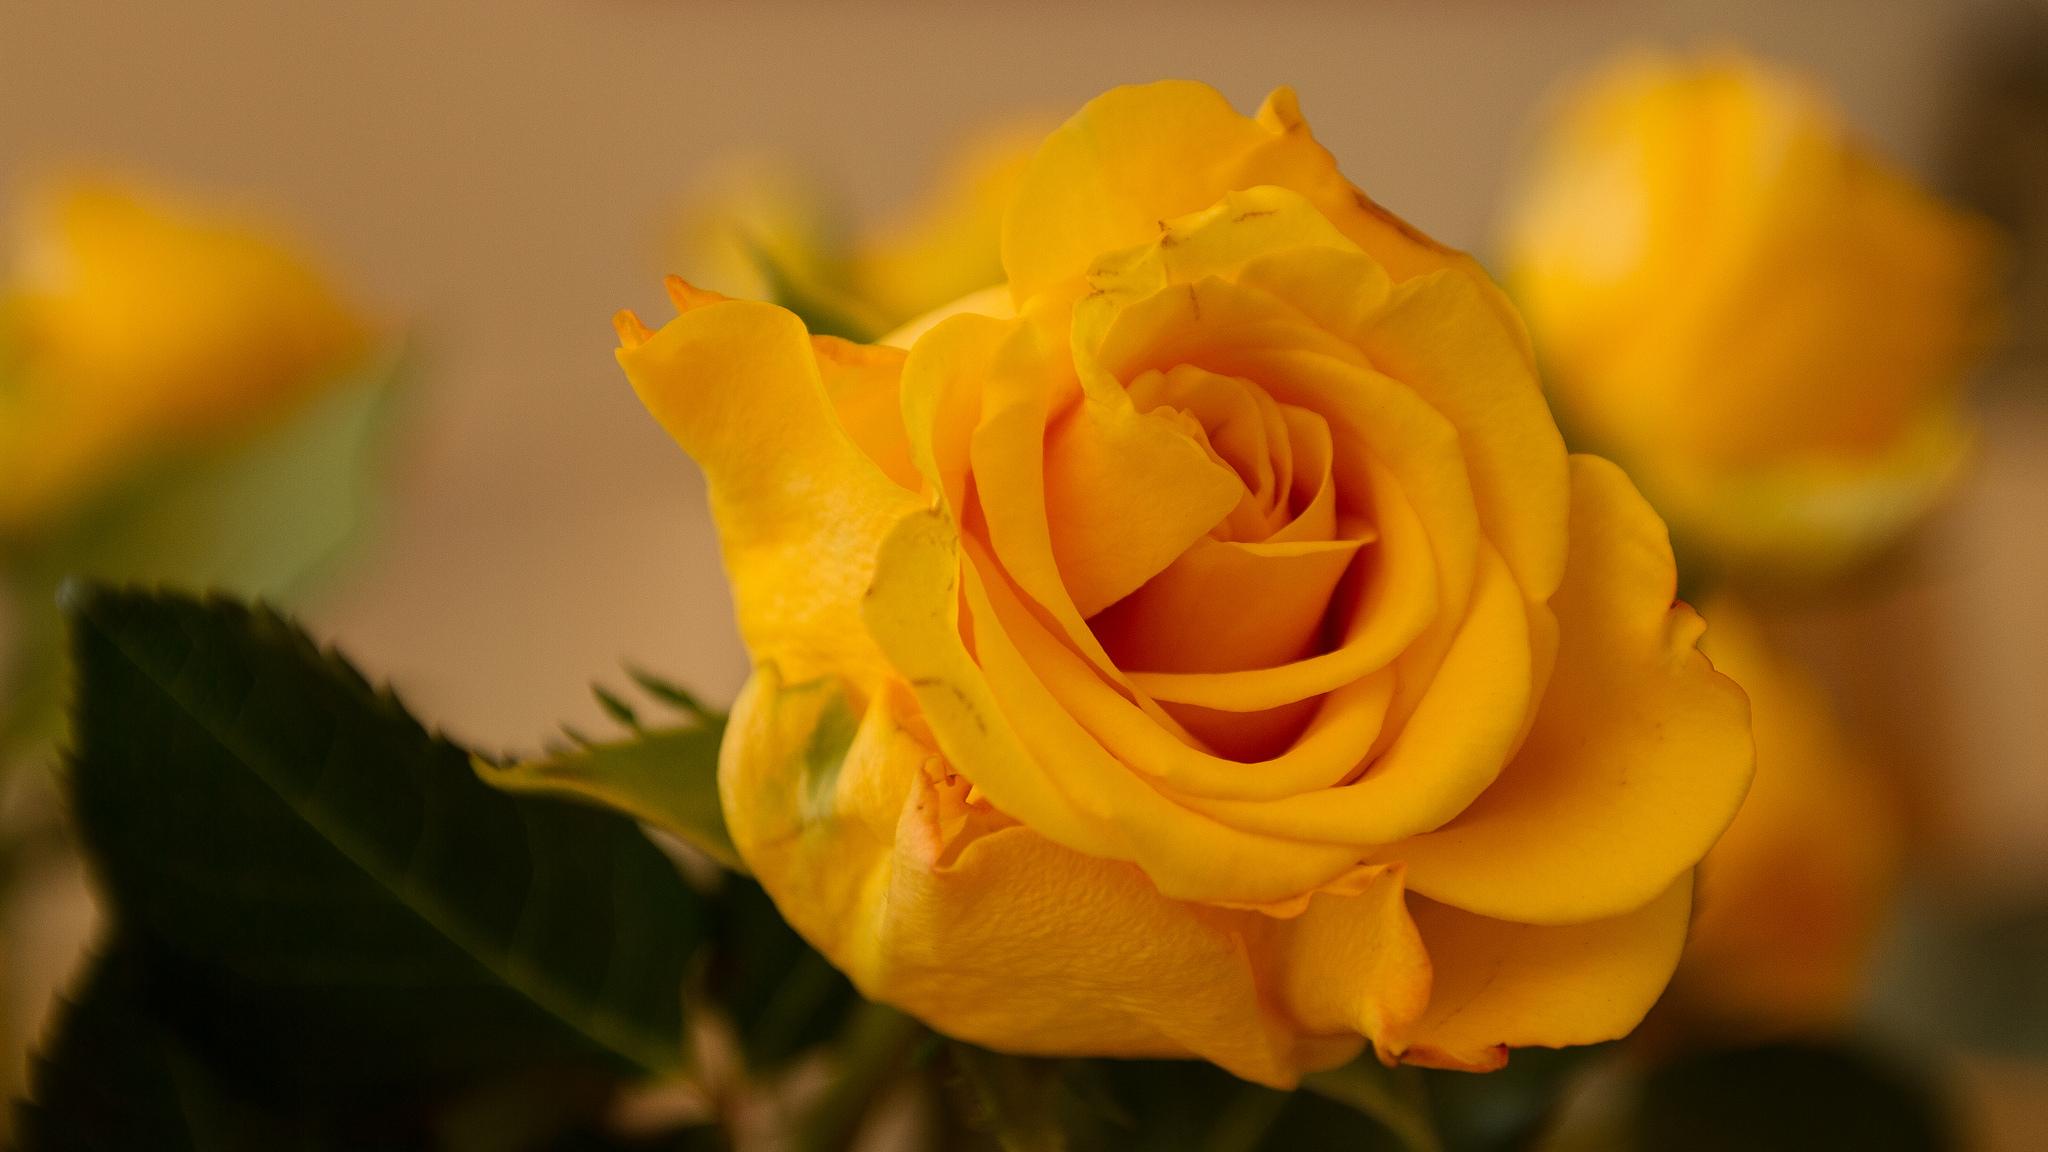 large yellow rose.jpg